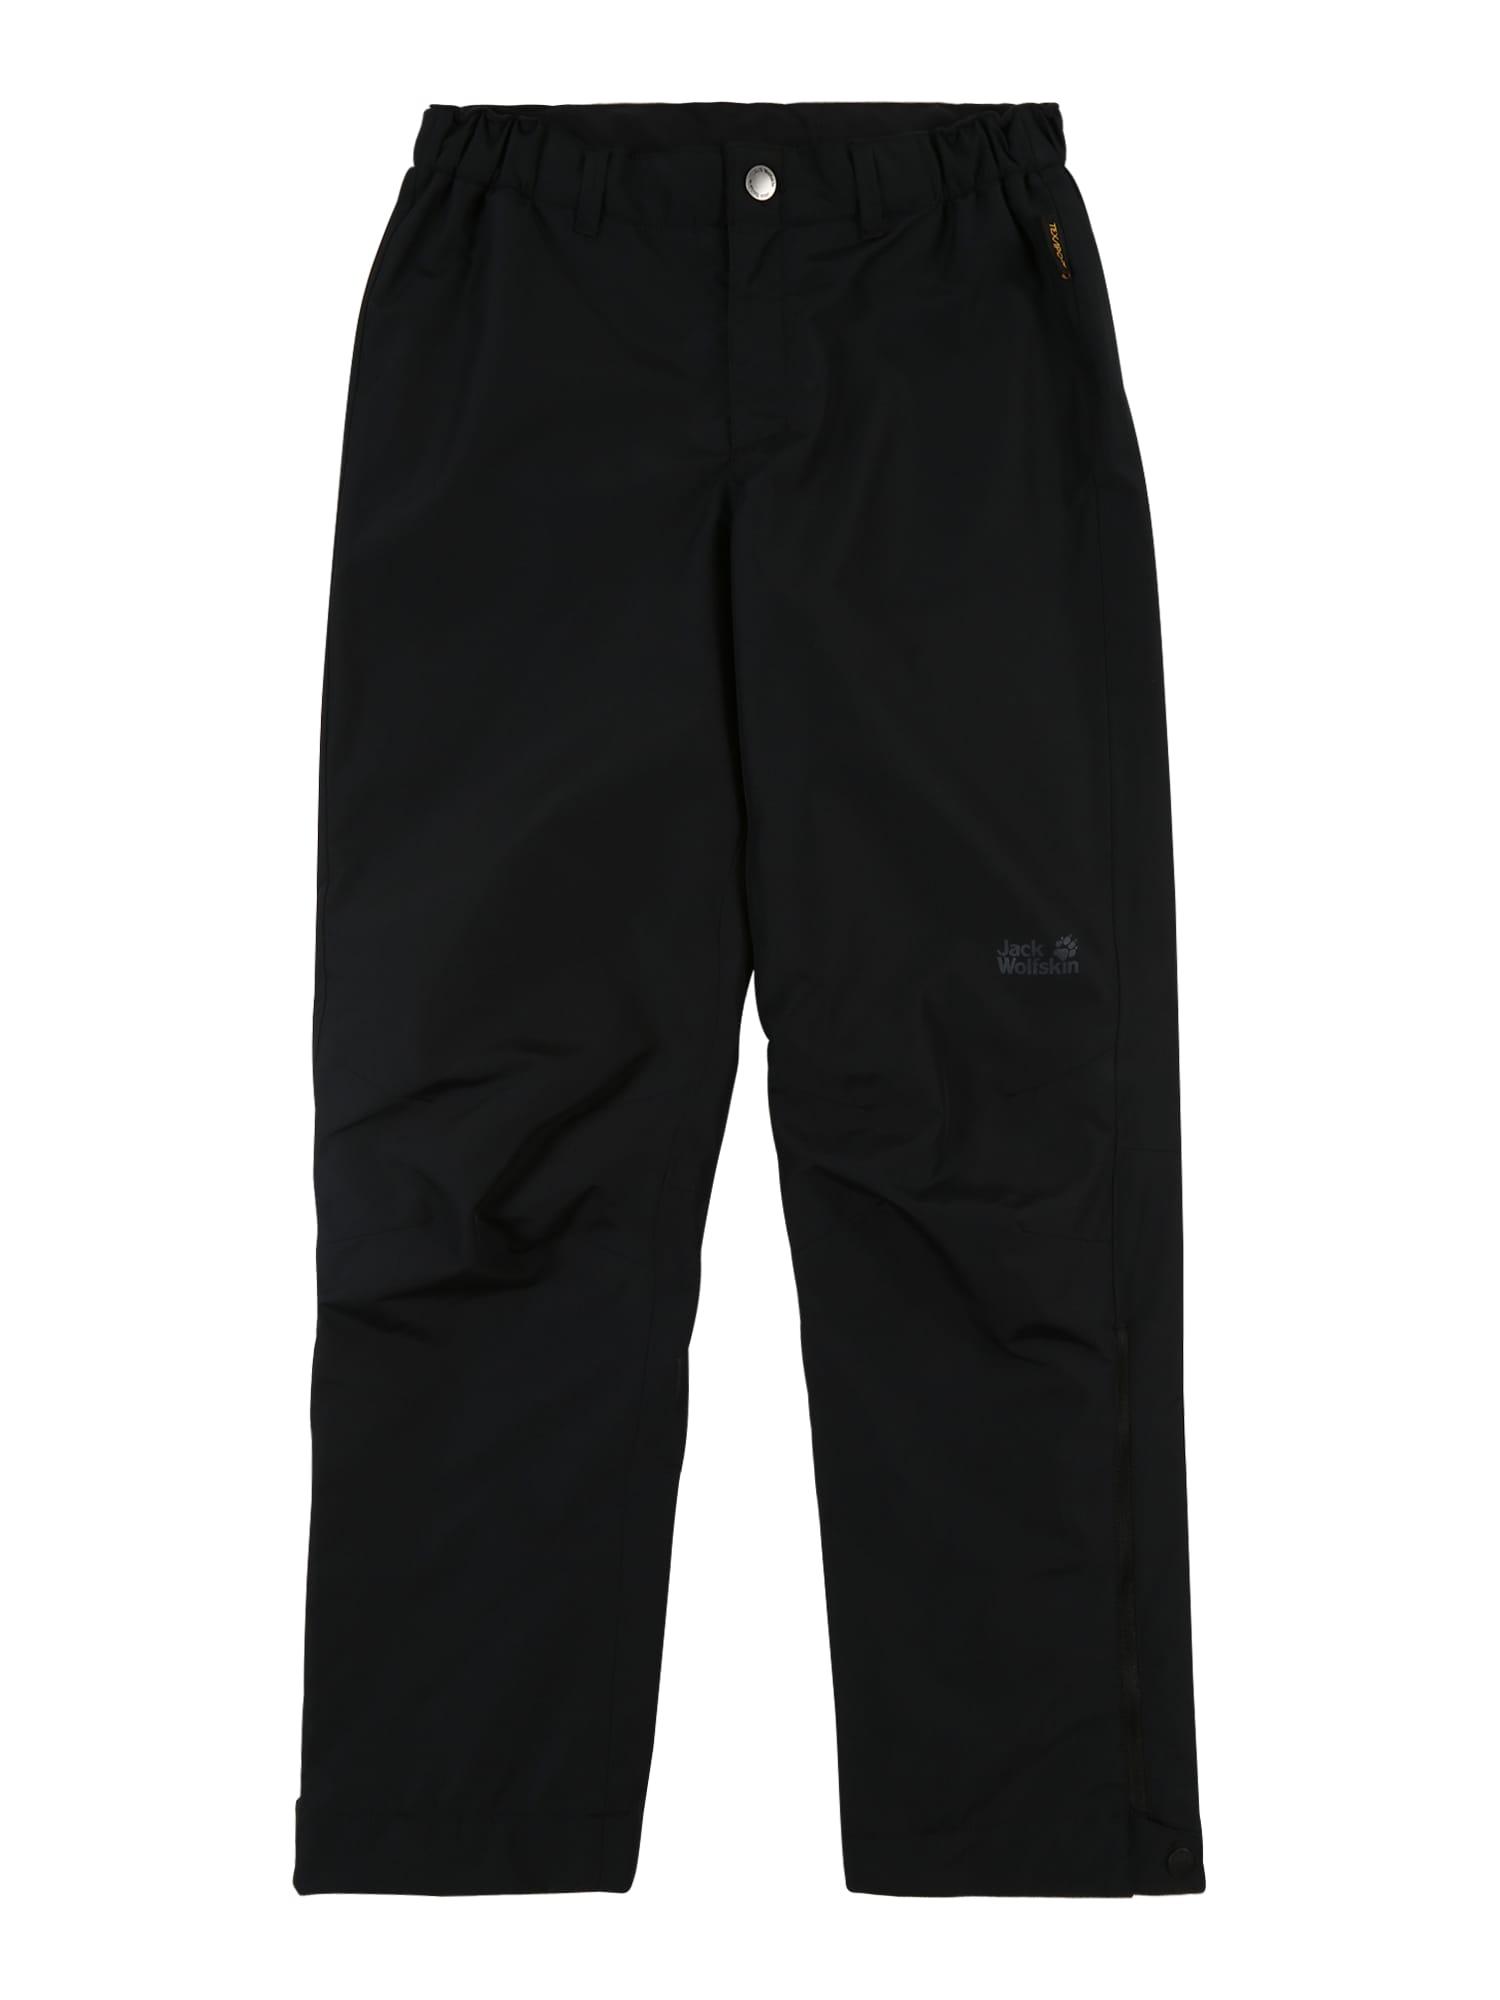 JACK WOLFSKIN Outodoor kalhoty 'Snowy Days'  černá